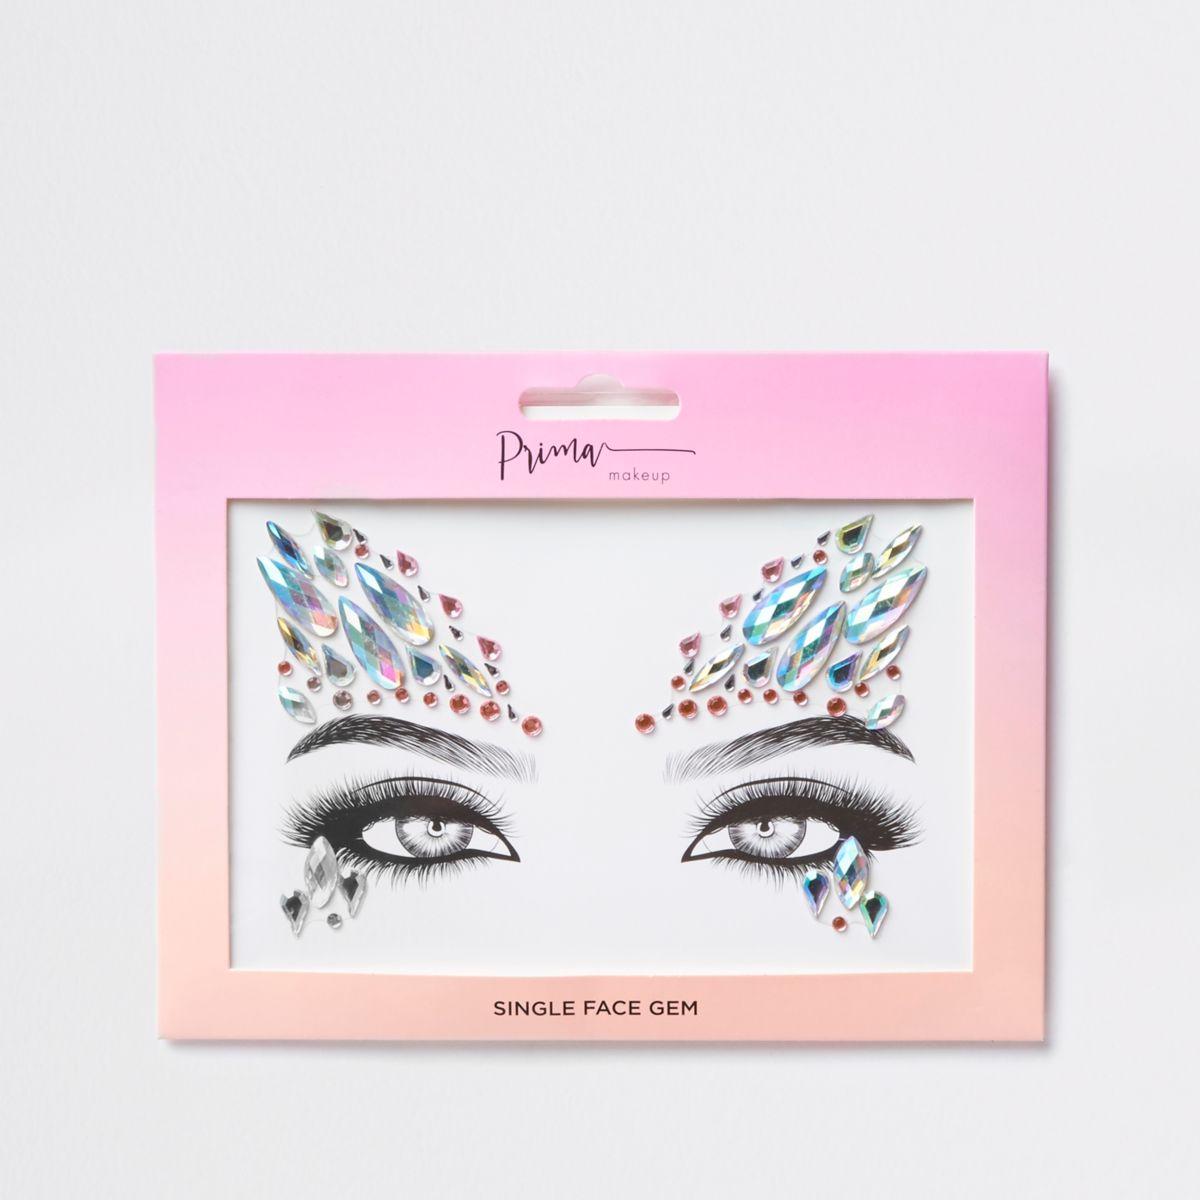 Prima pink face gem makeup